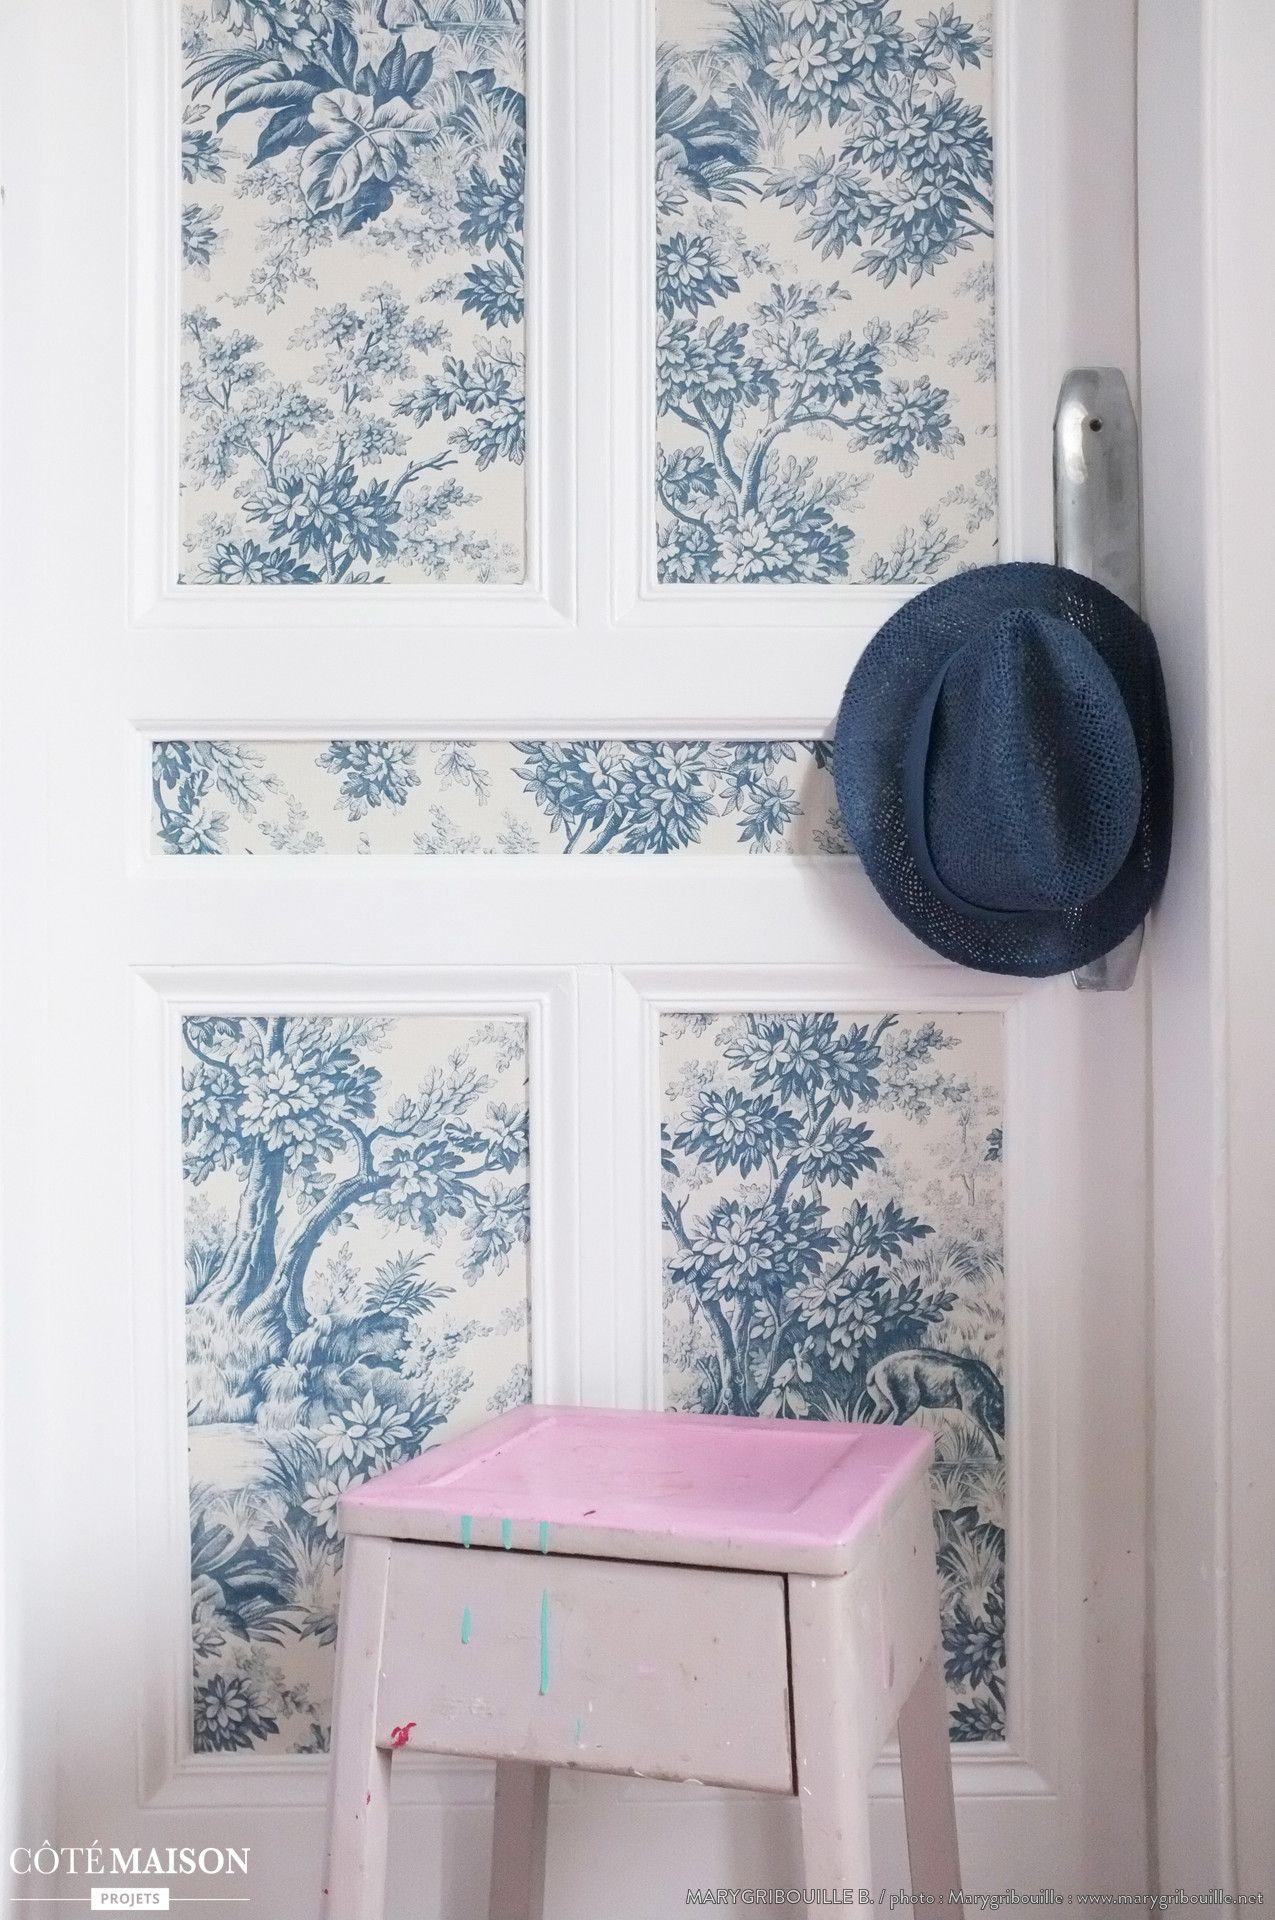 Un papier peint vintage style toile de jouy appliqu sur la porte d co les th mes for Papier peint de porte